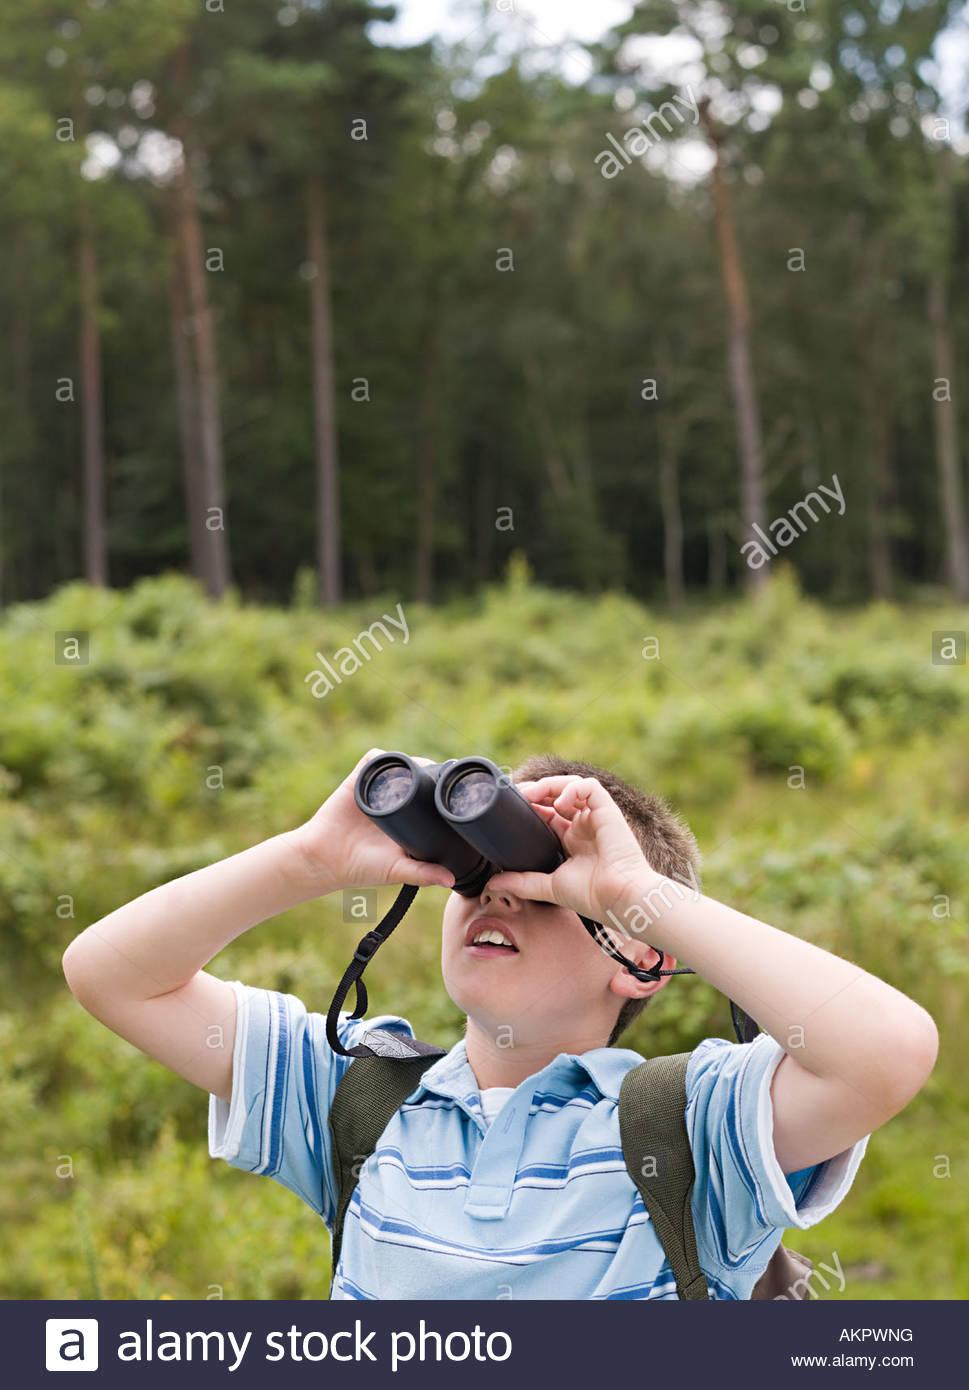 Boy with binoculars - Stock Image